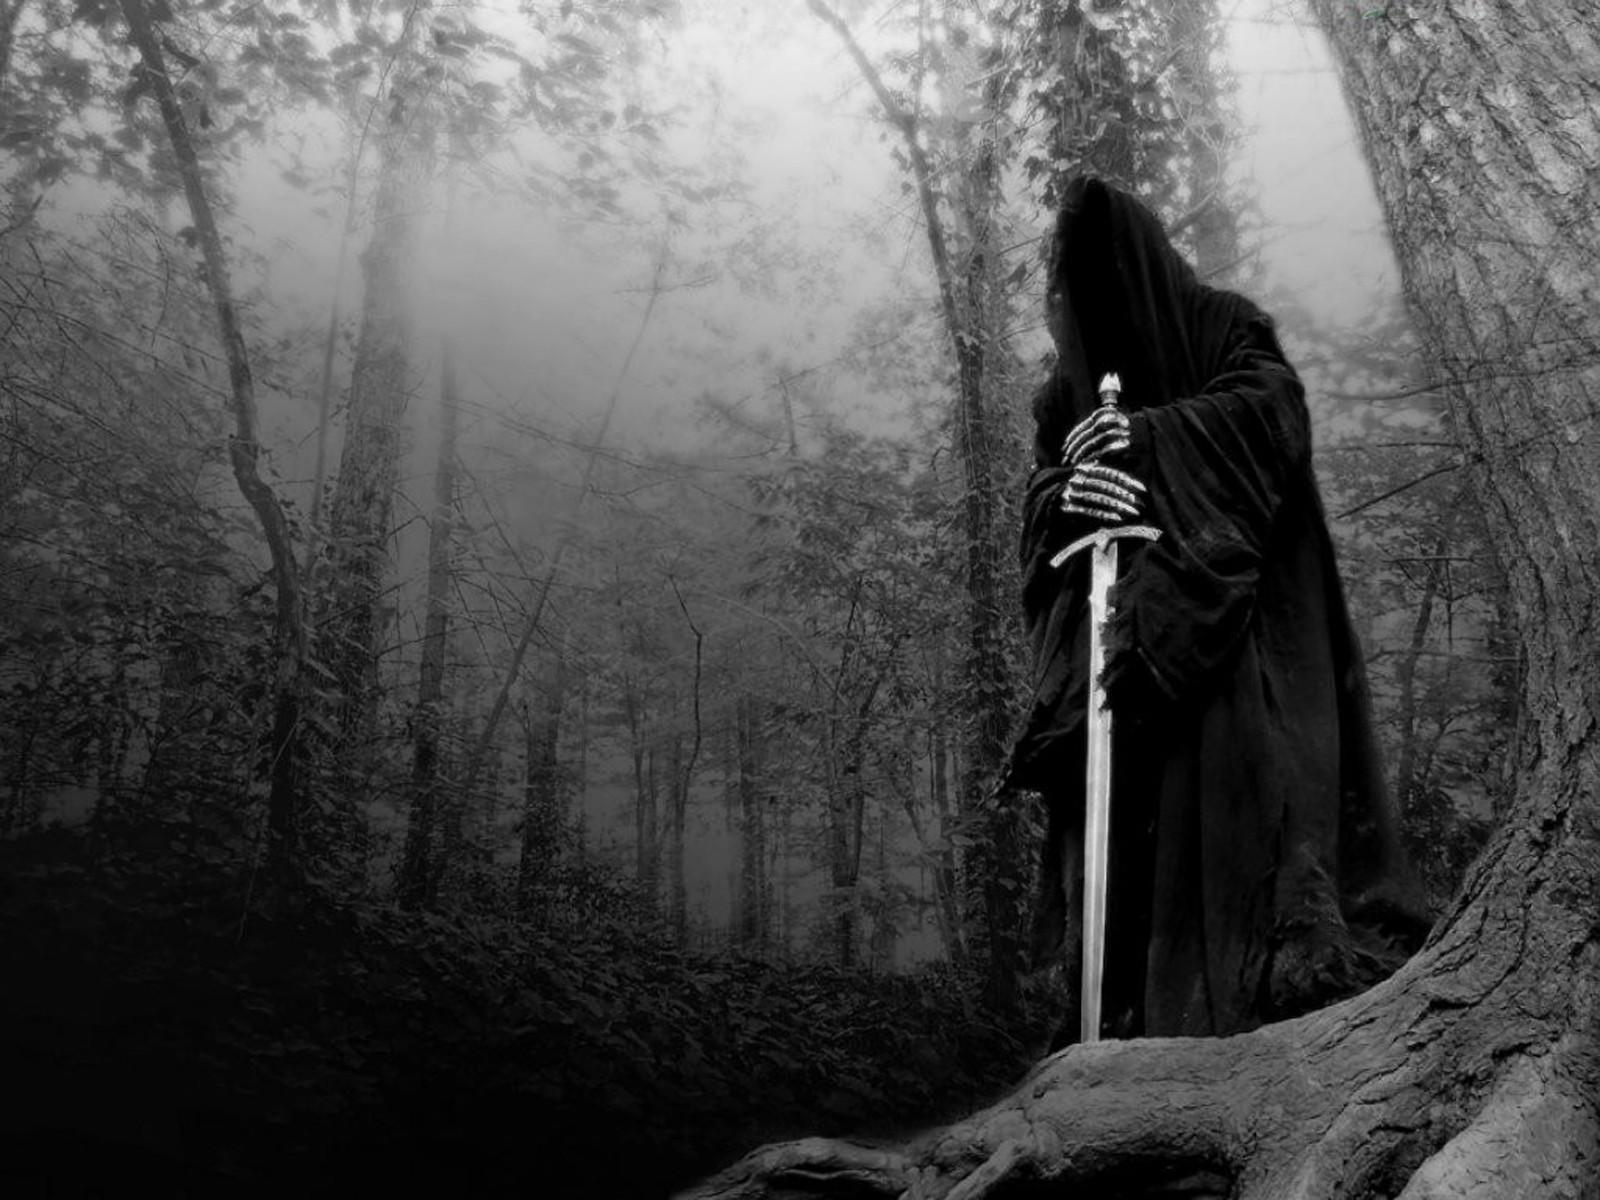 Призрак назгул в капюшоне с мечом